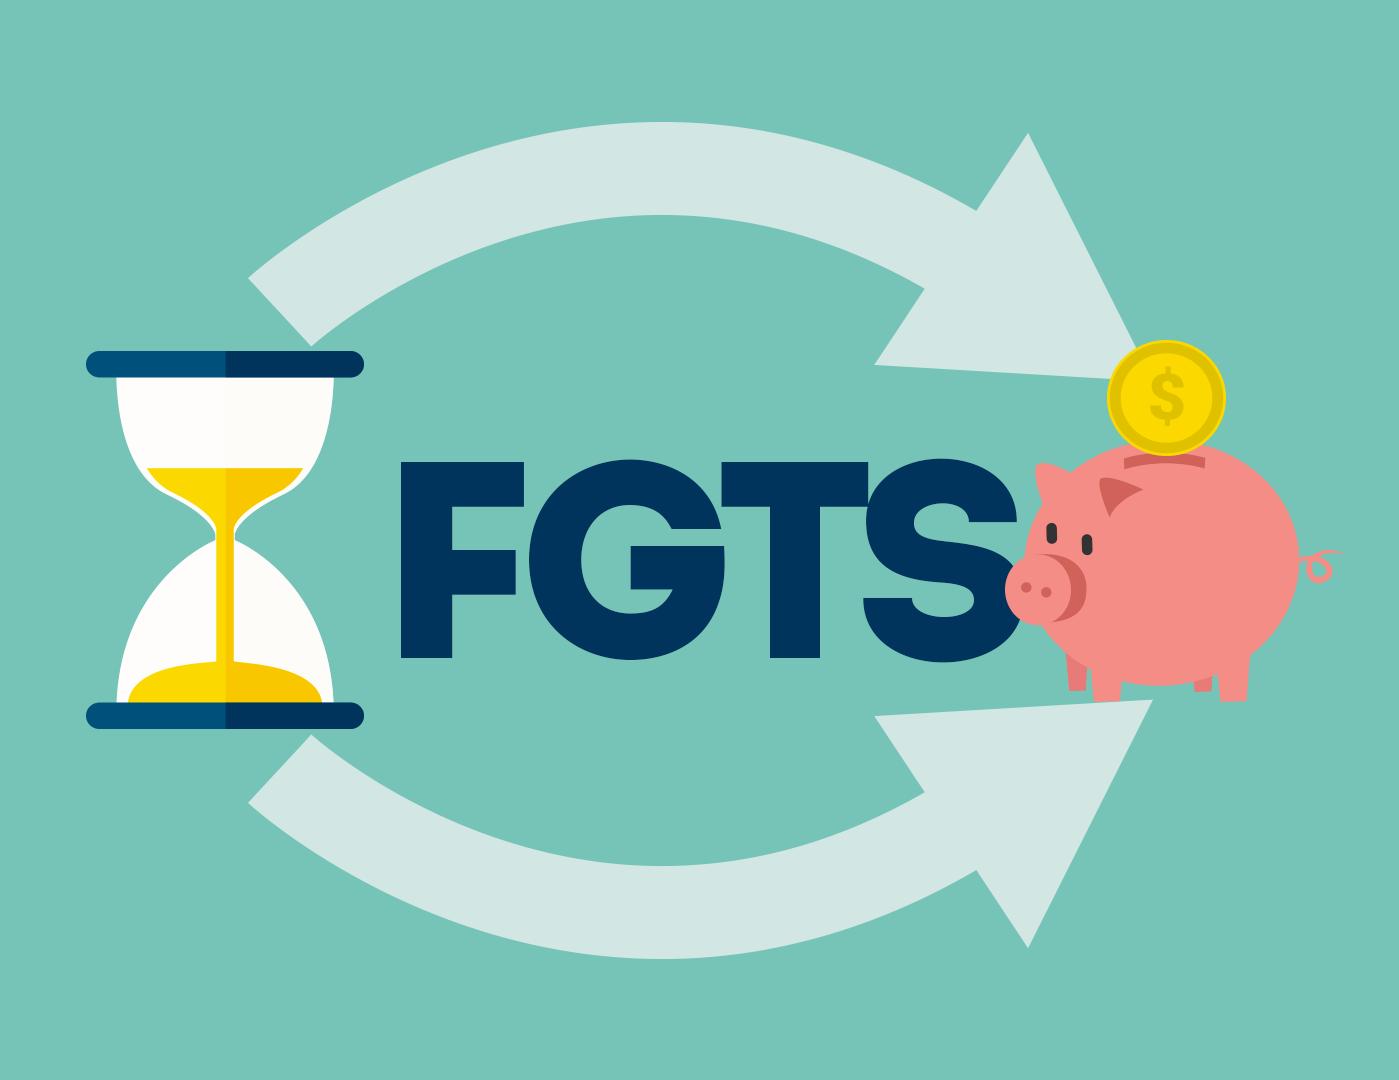 Novo saque do FGTS para o fim de ano - Descubra se tem direito